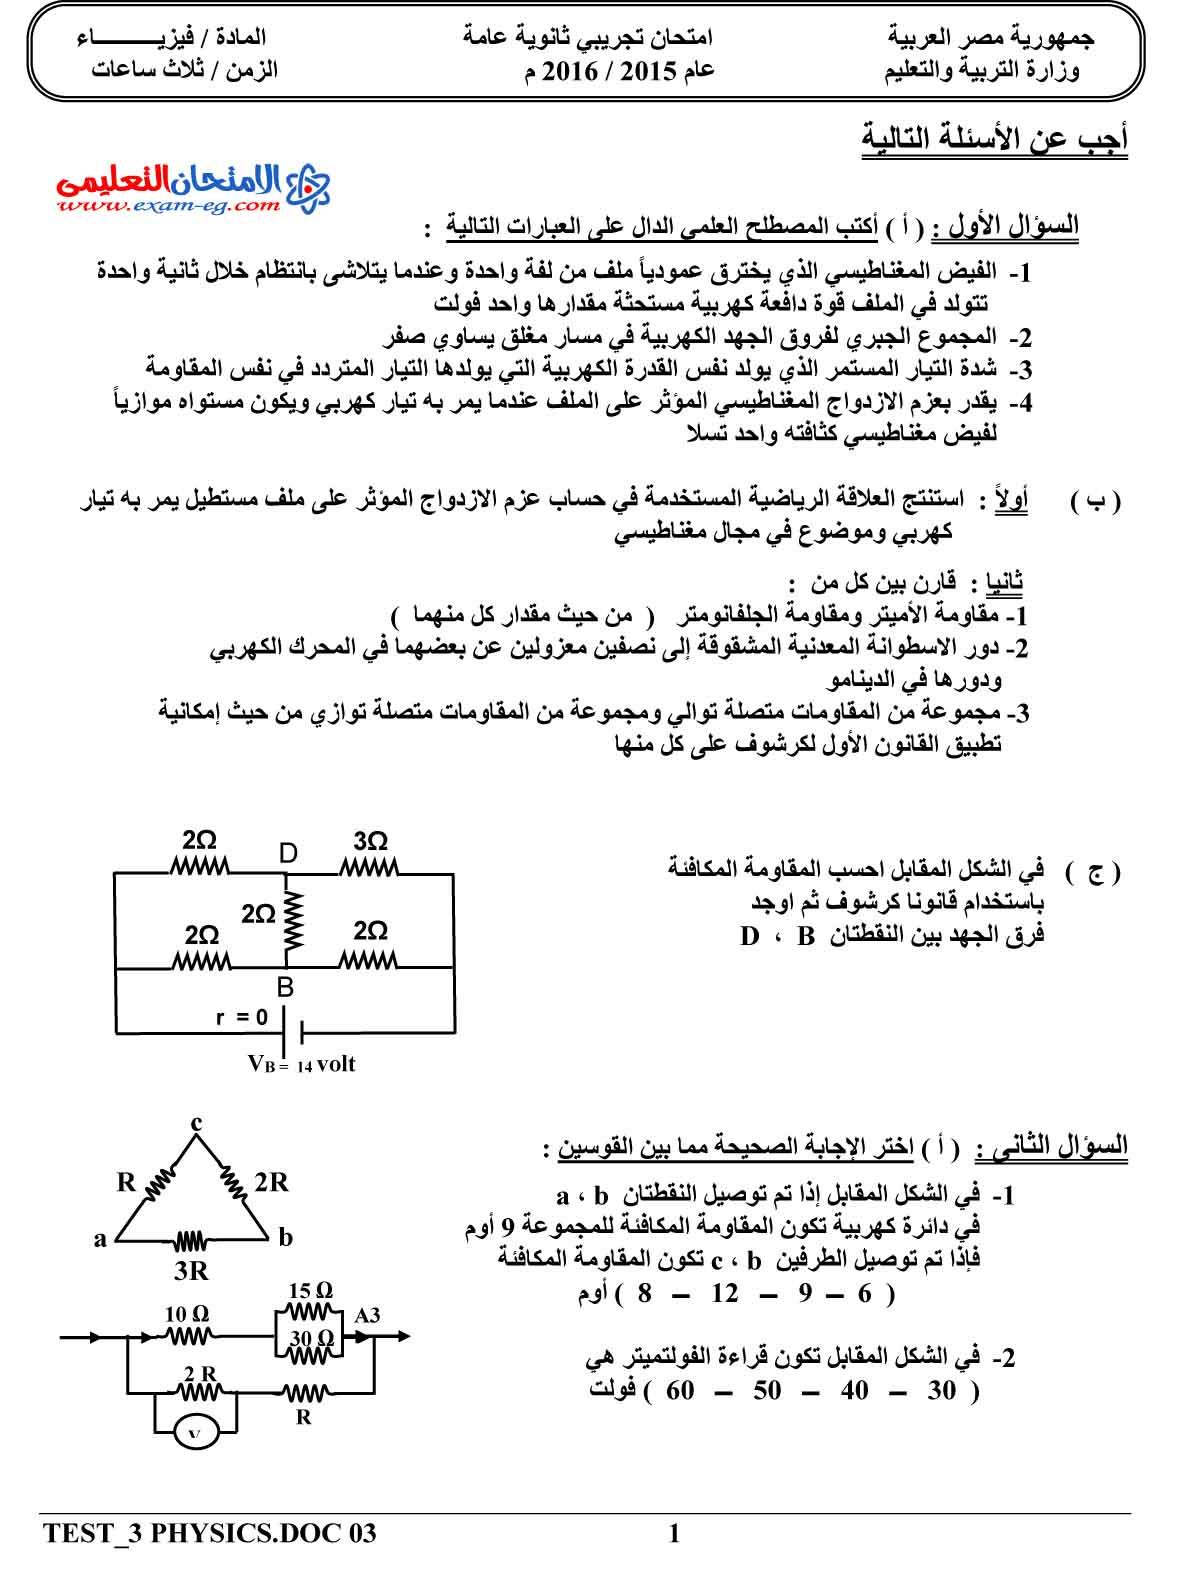 فيزياء 2 - مدرسة اون لاين-4